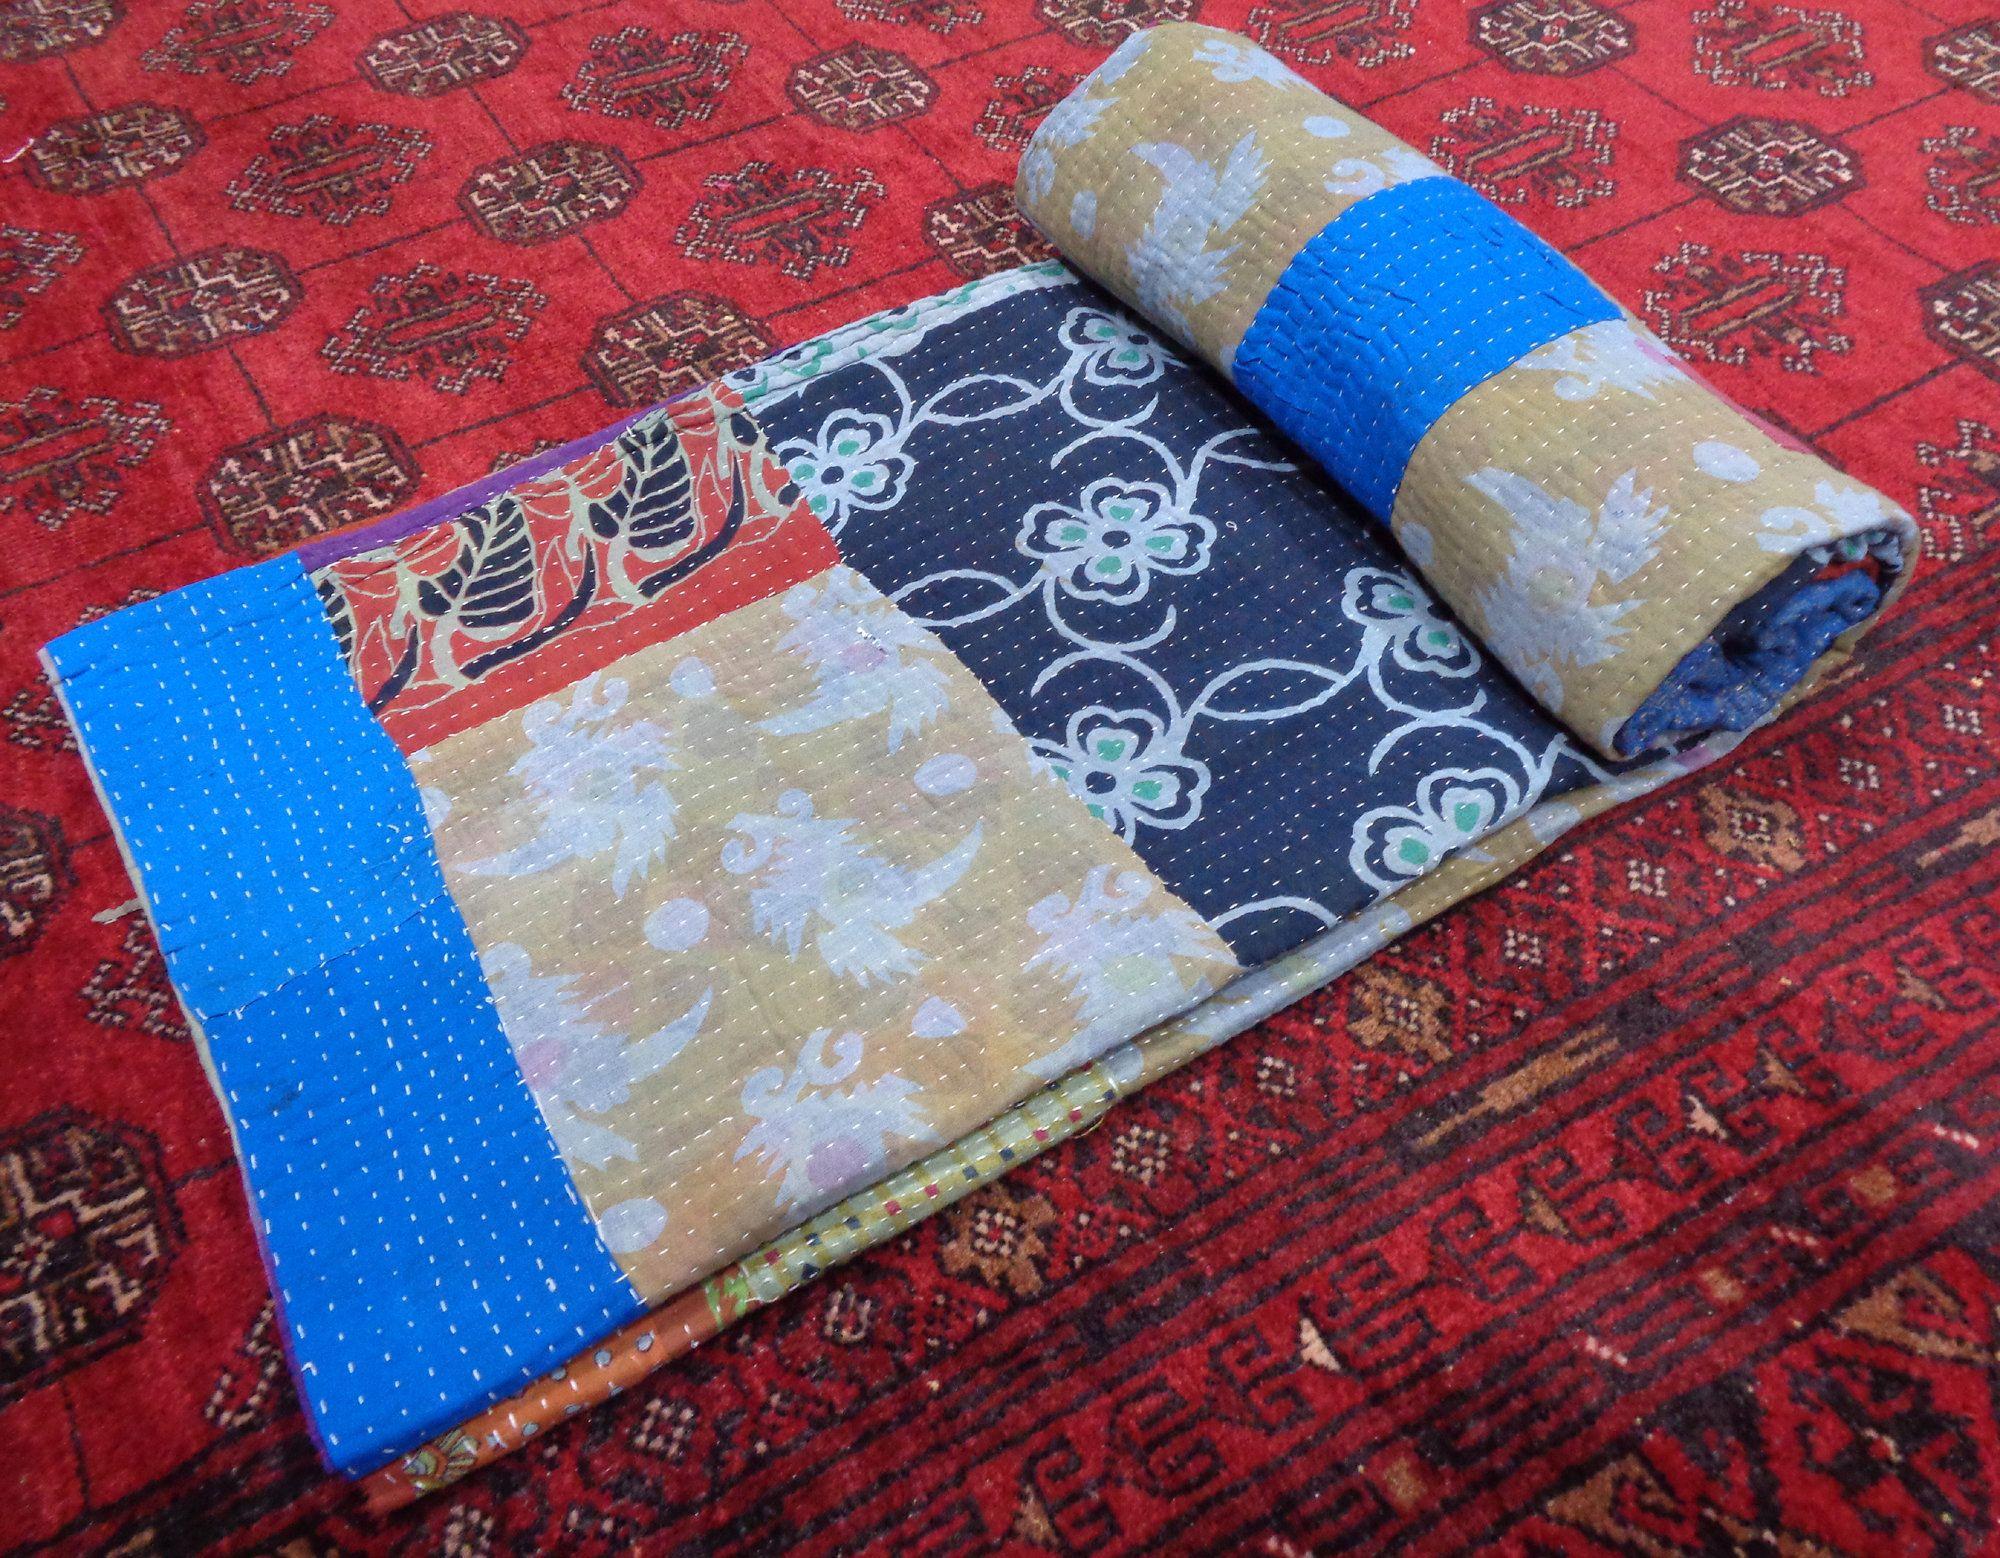 Ethnic Bedspread Ralli King SIze Vintage Kantha Quilt Indian Handmade Blanket